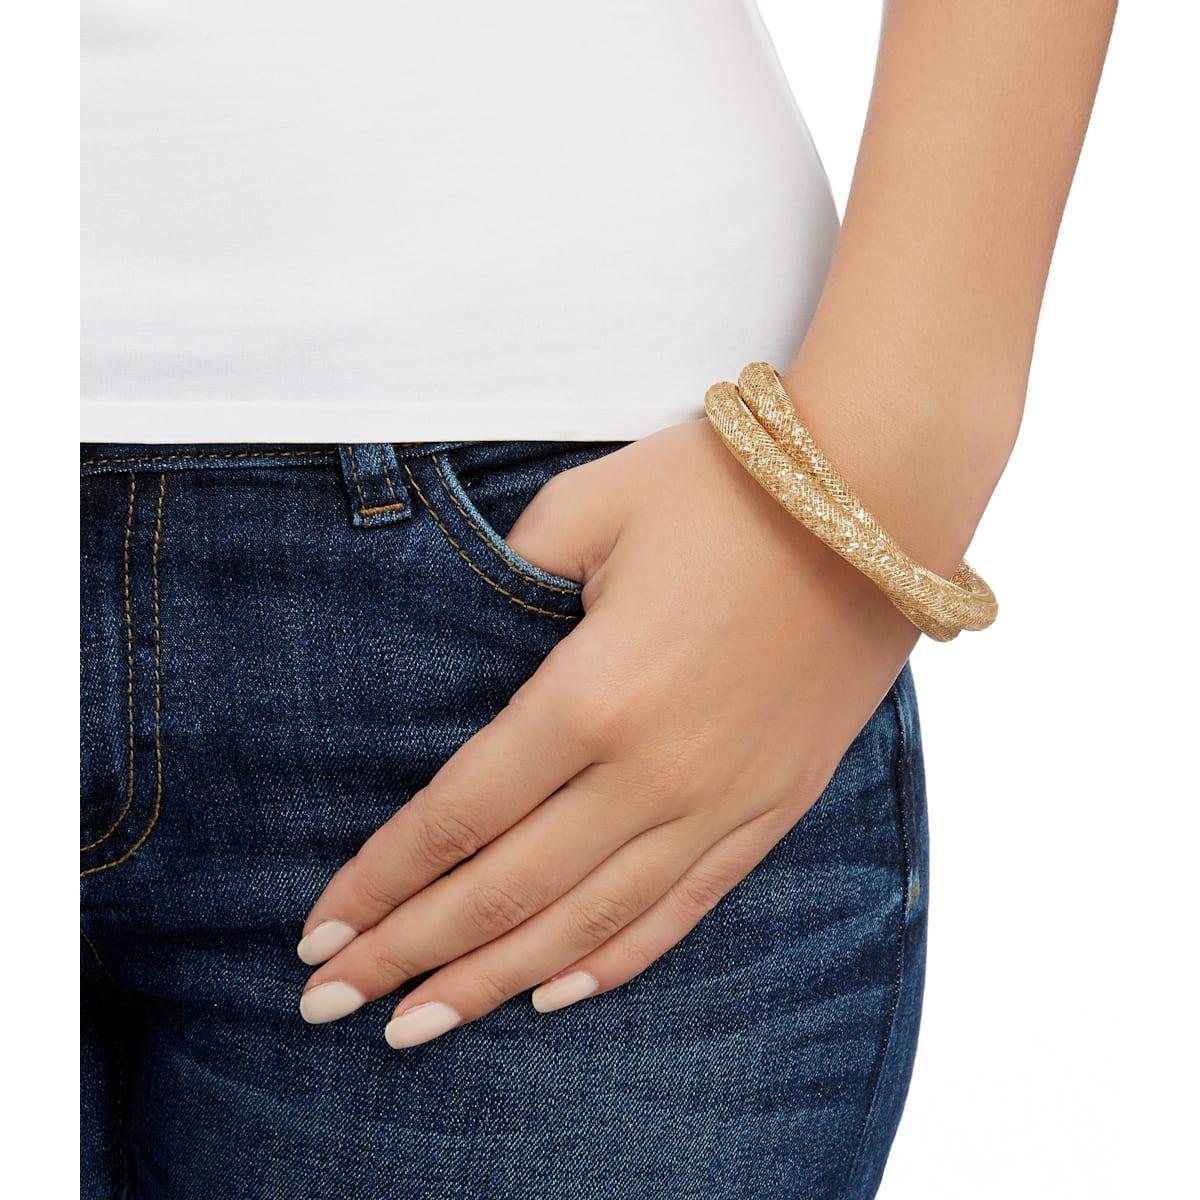 7a691c2d806c6 Stardust Deluxe Bracelet